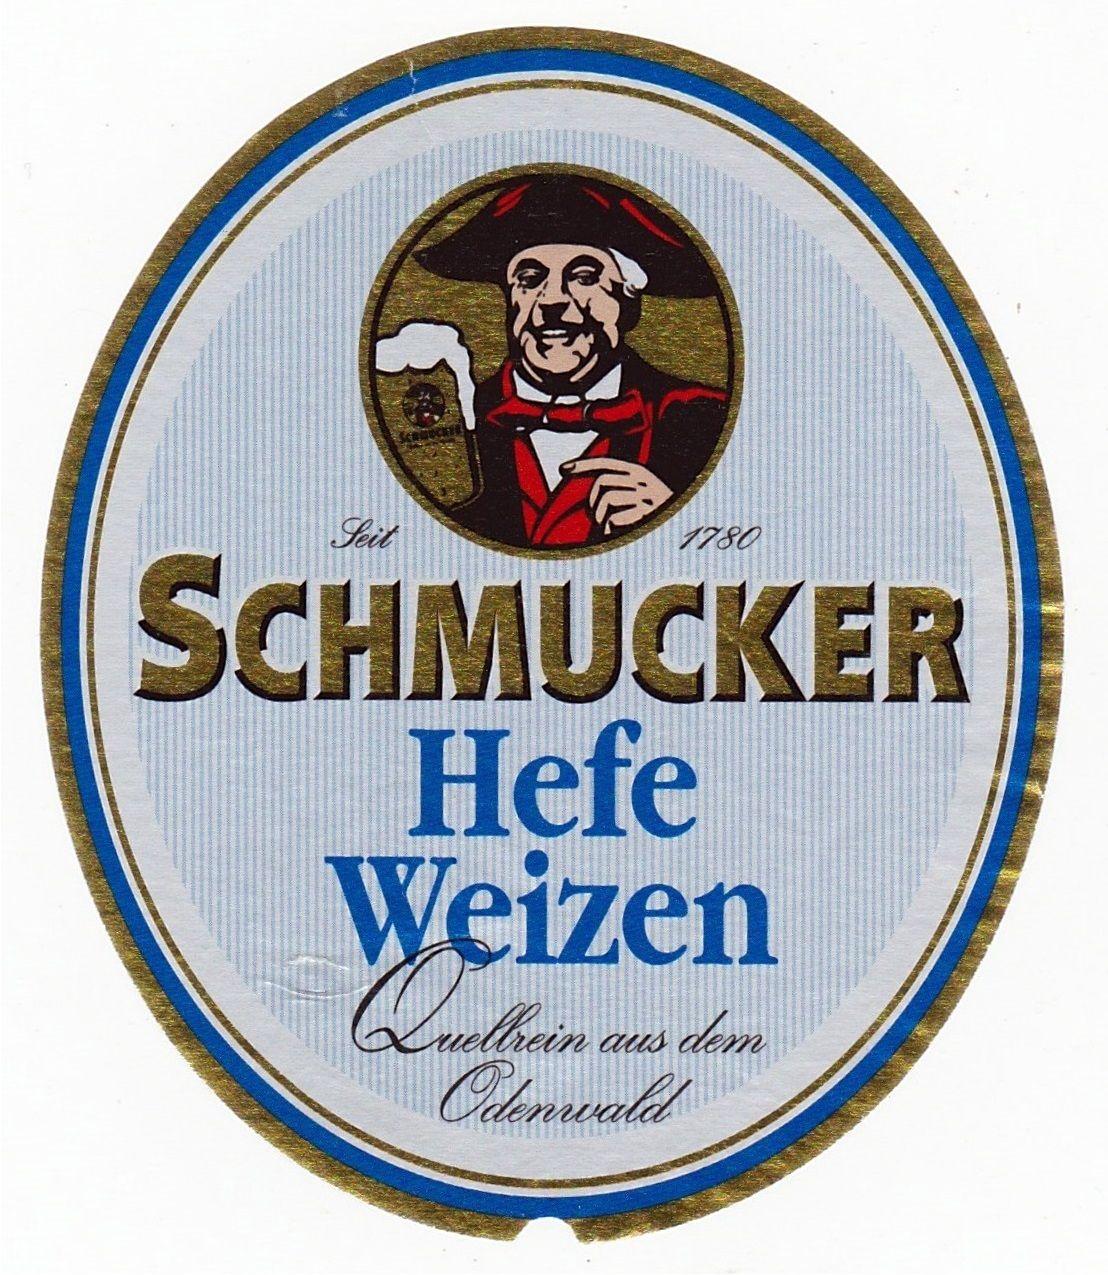 Schmucker Hefe-Weizen, German Hefeweizen 5,0% ABV (Privat-Brauerei Schmucker, Alemania) #label